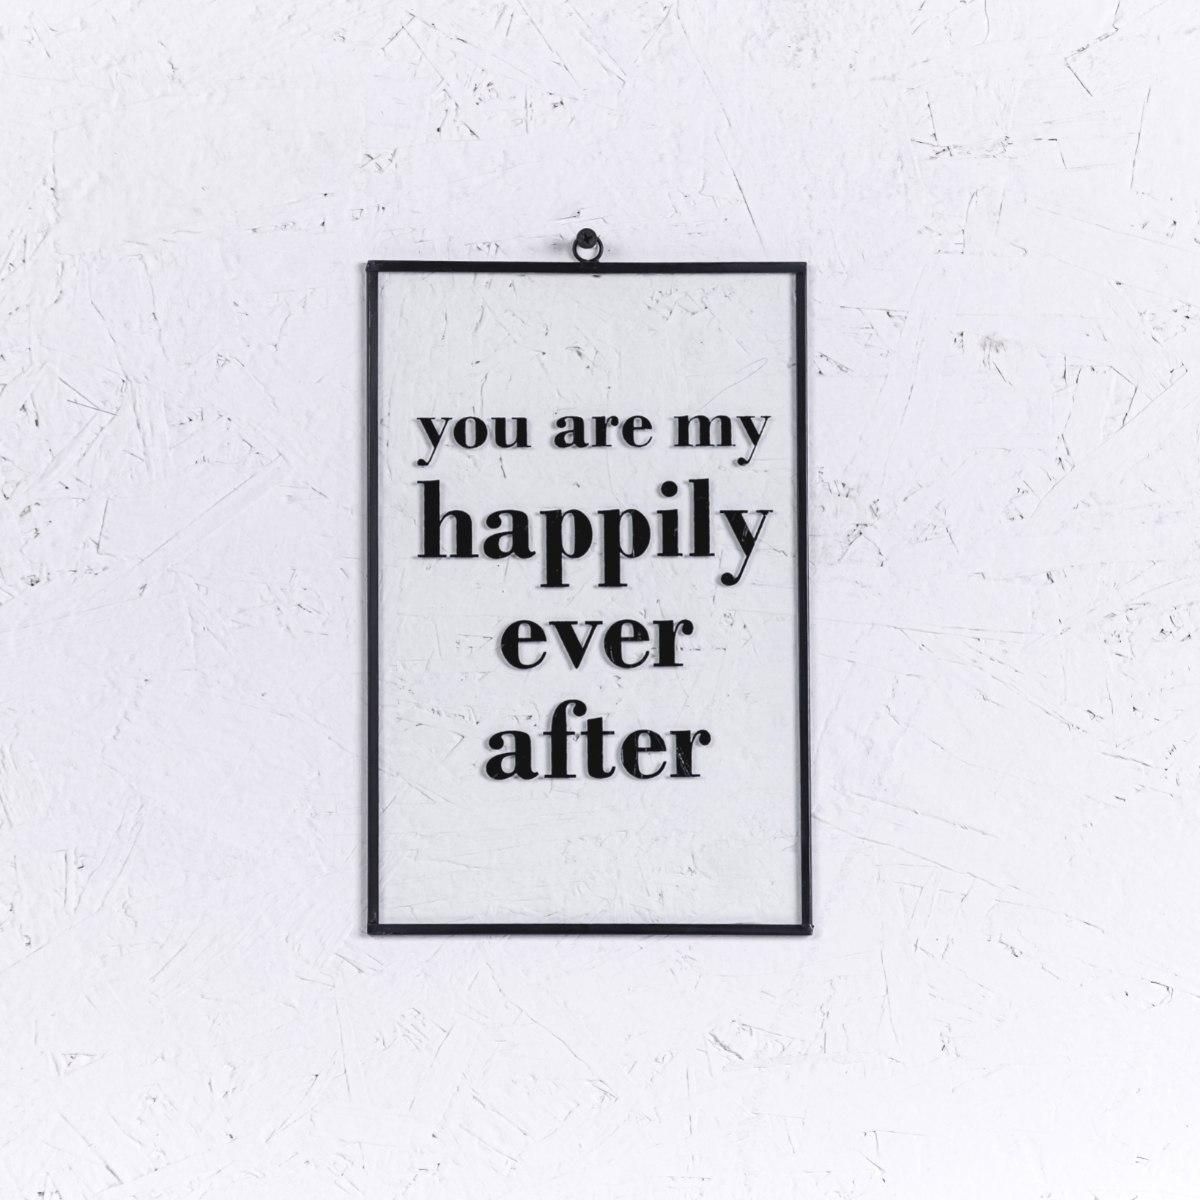 שלט זכוכית גדול - HAPPILY